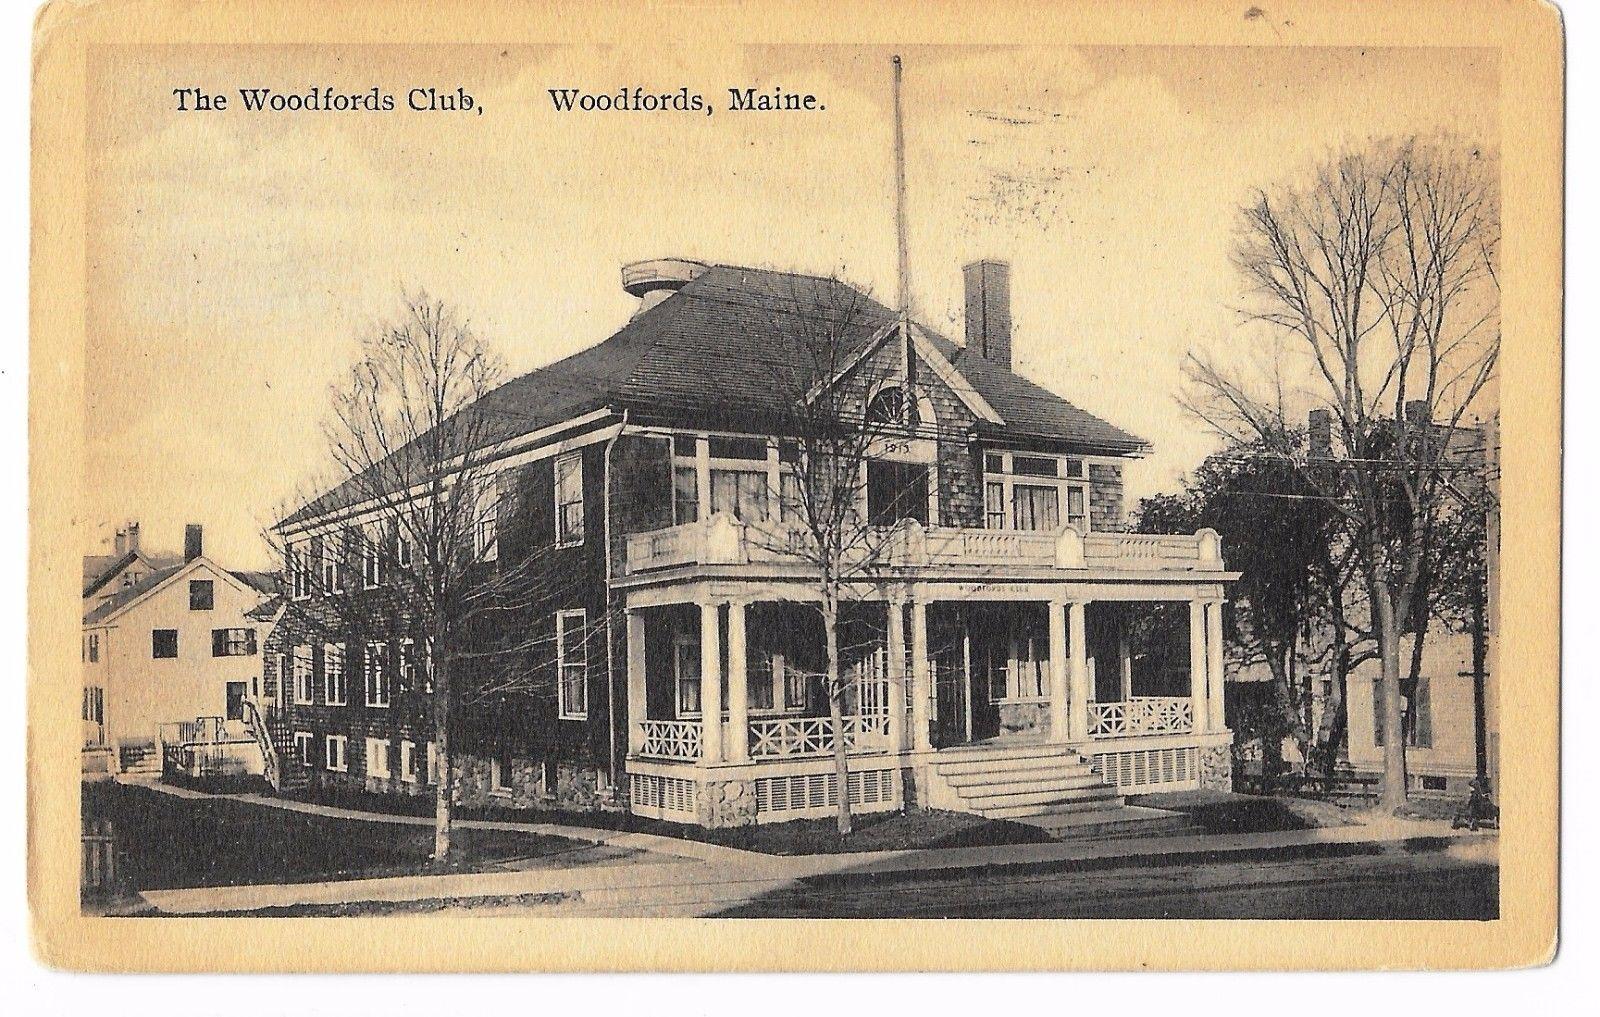 woodfords club vintage image.jpg